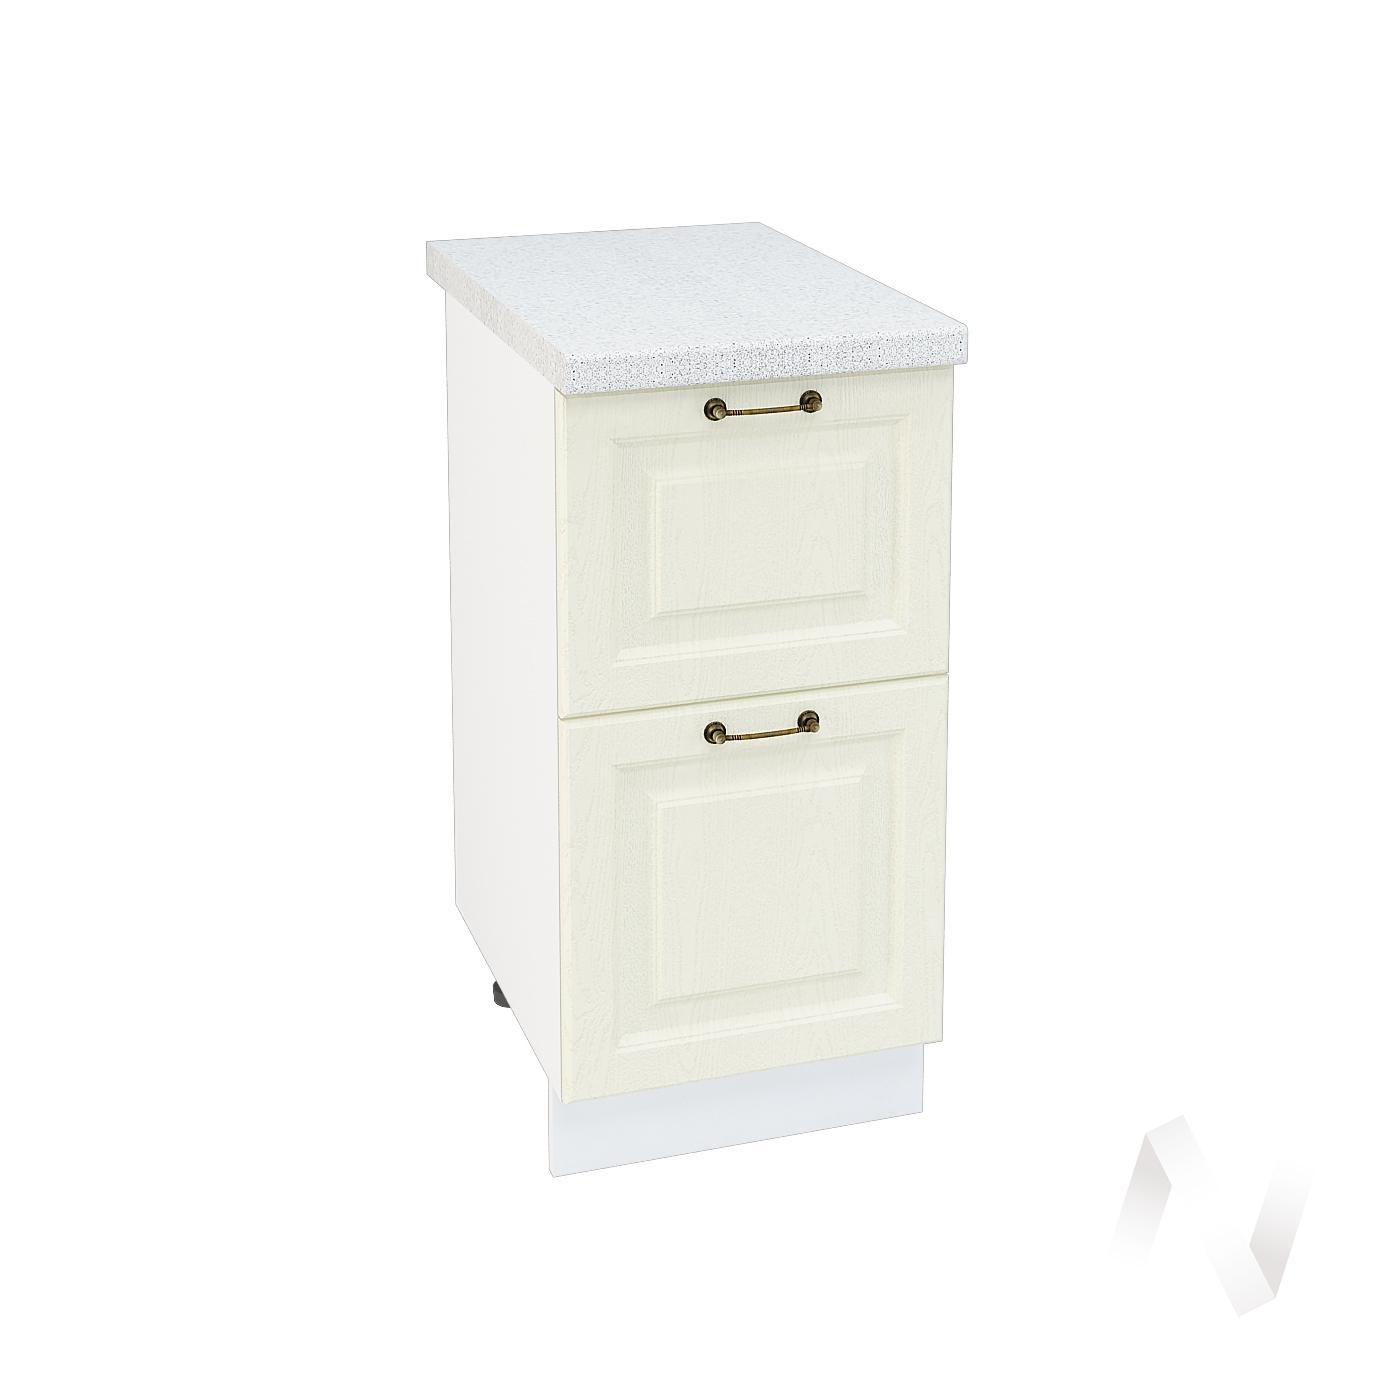 """Кухня """"Ницца"""": Шкаф нижний с 2-мя ящиками 400, ШН2Я 400 (Крем/корпус белый)"""